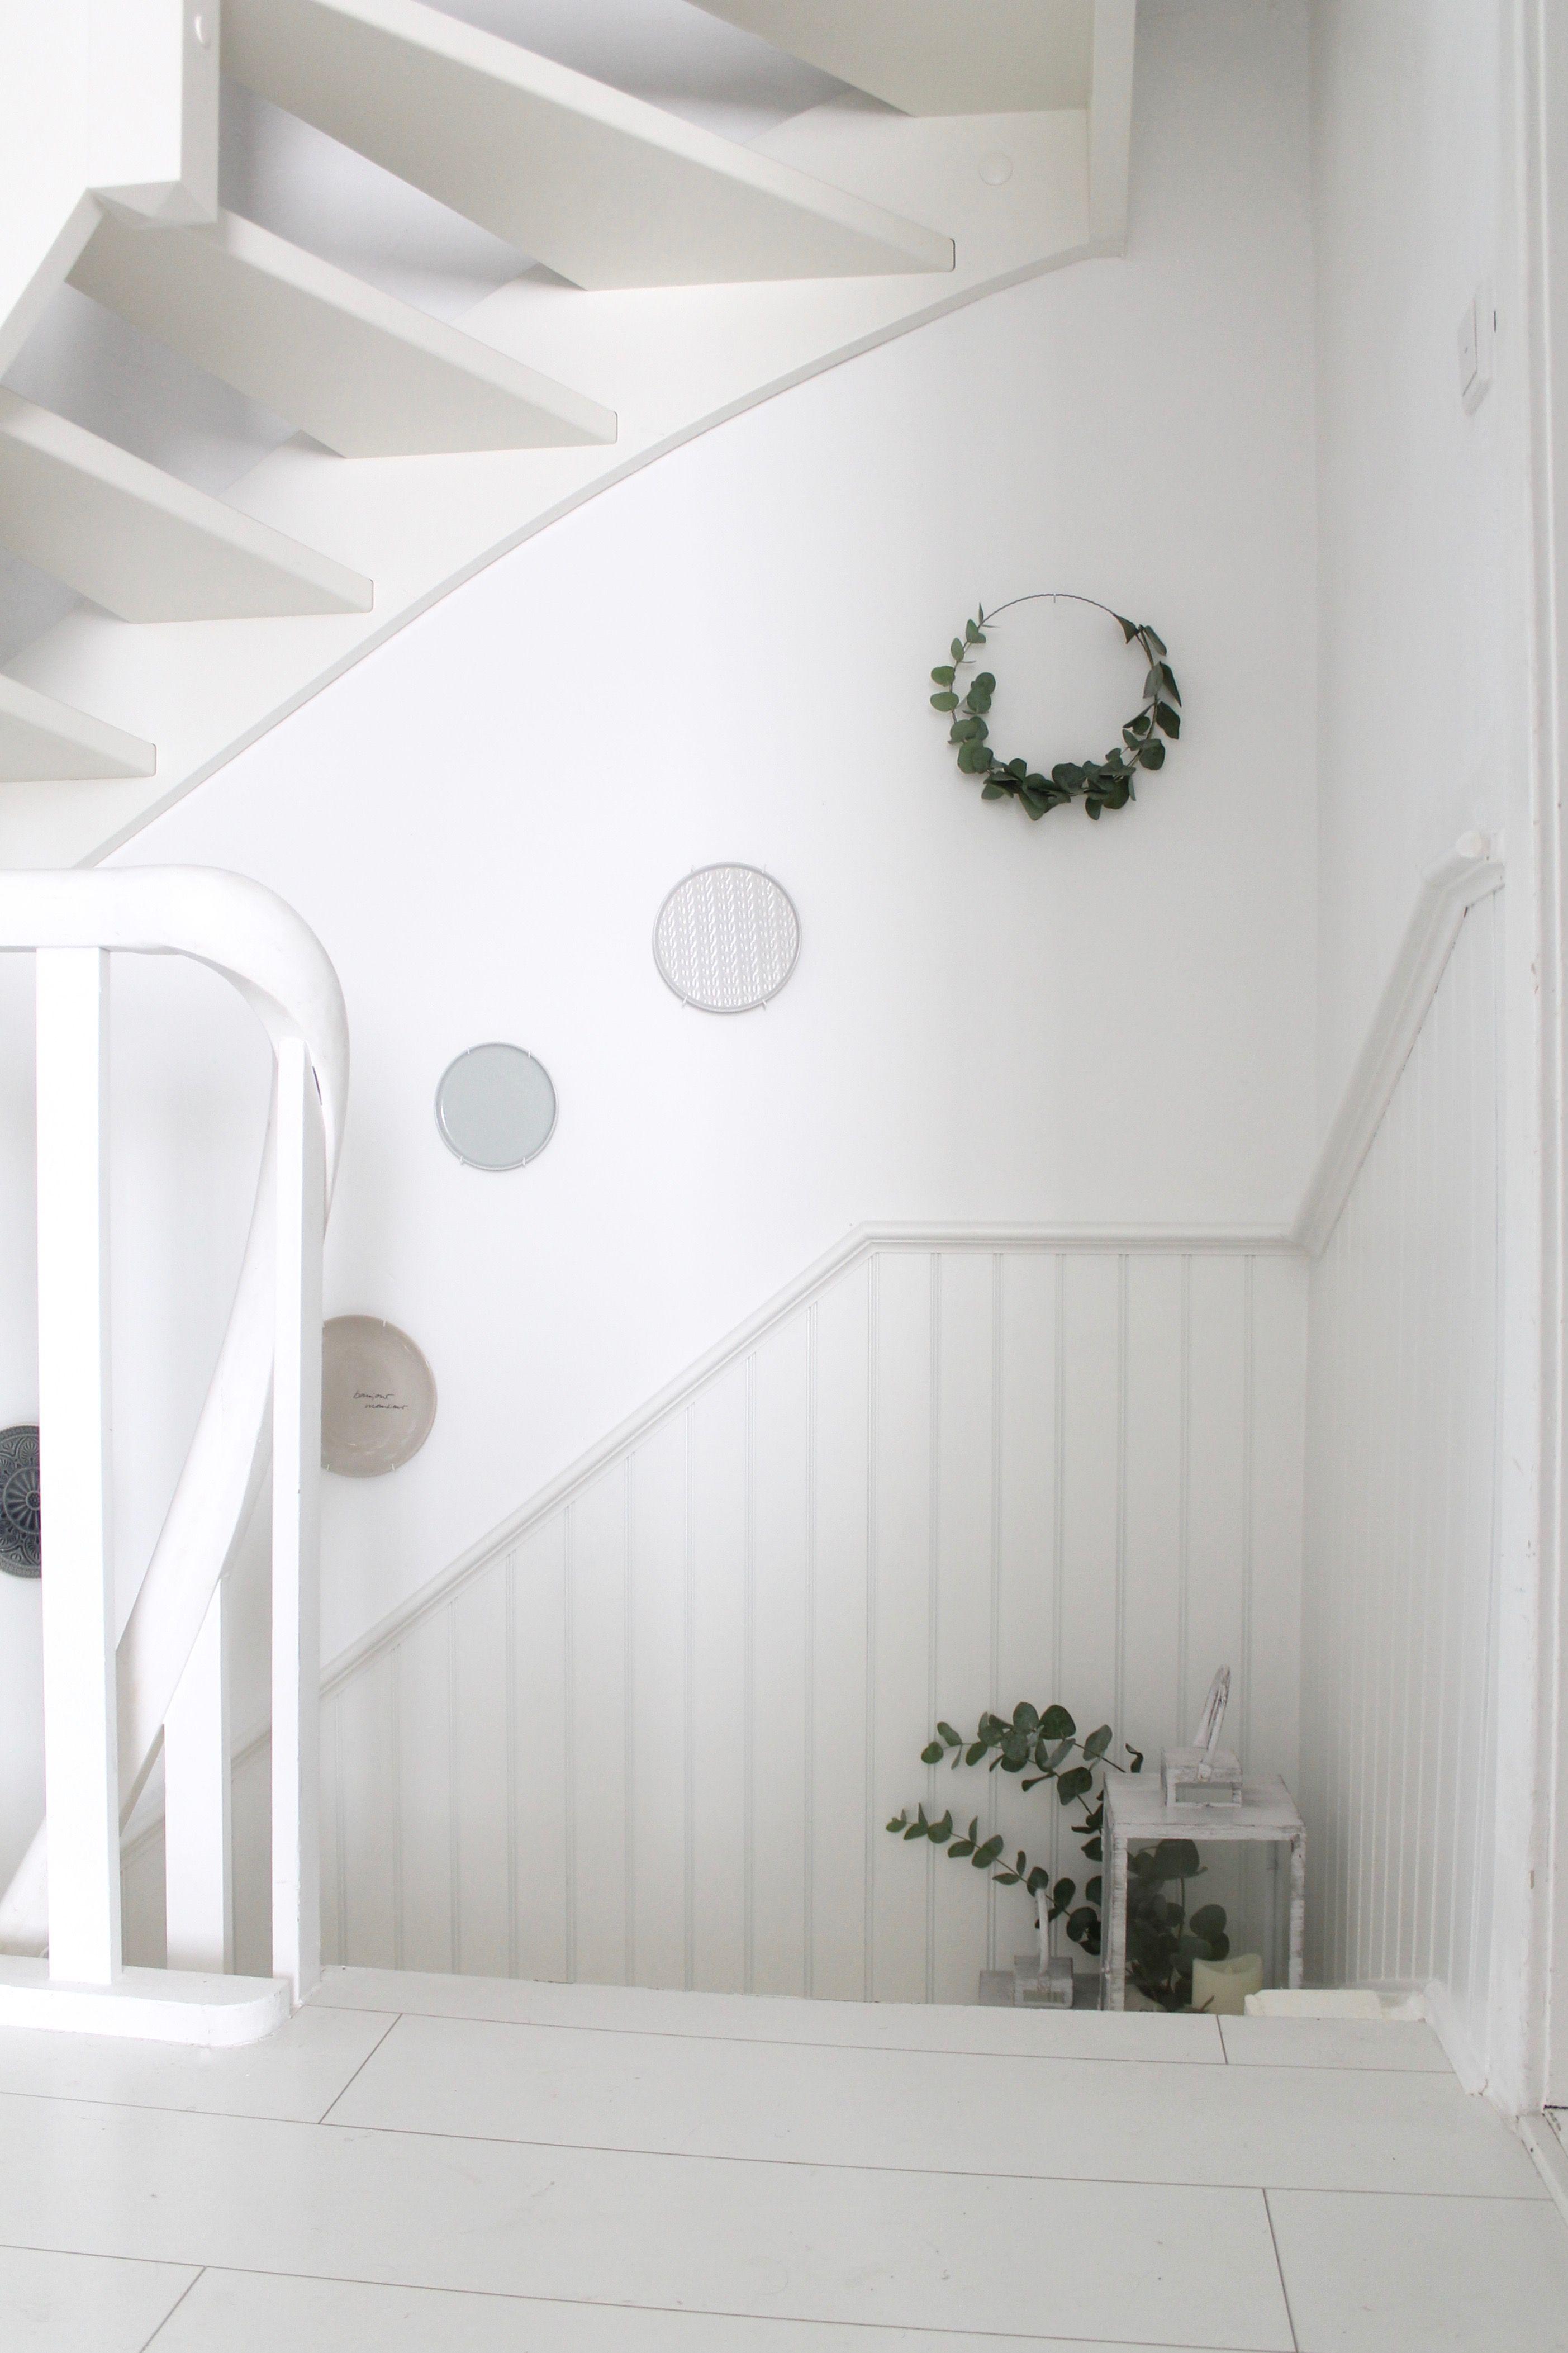 Traum Treppenaufgang Von Www Brittabloggt De Wandverkleidung Whiteliving Treppenverkleidung Interior I Treppe Haus Treppenverkleidung